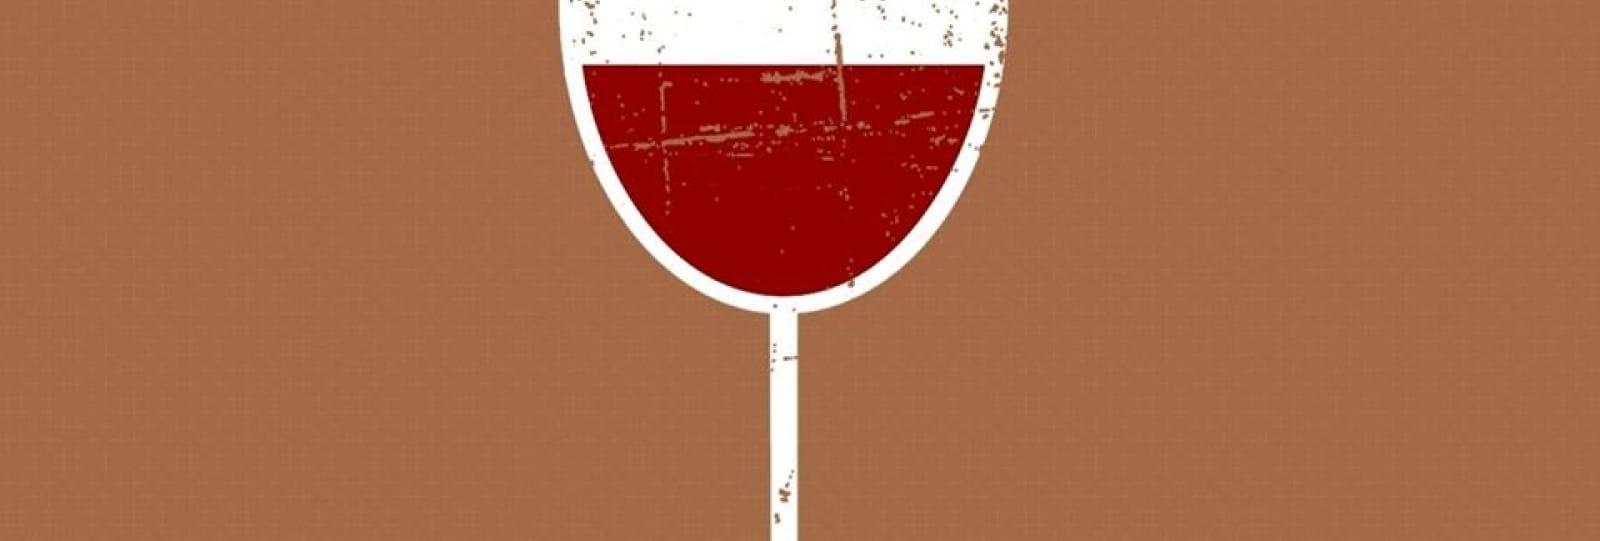 The Bar à vin